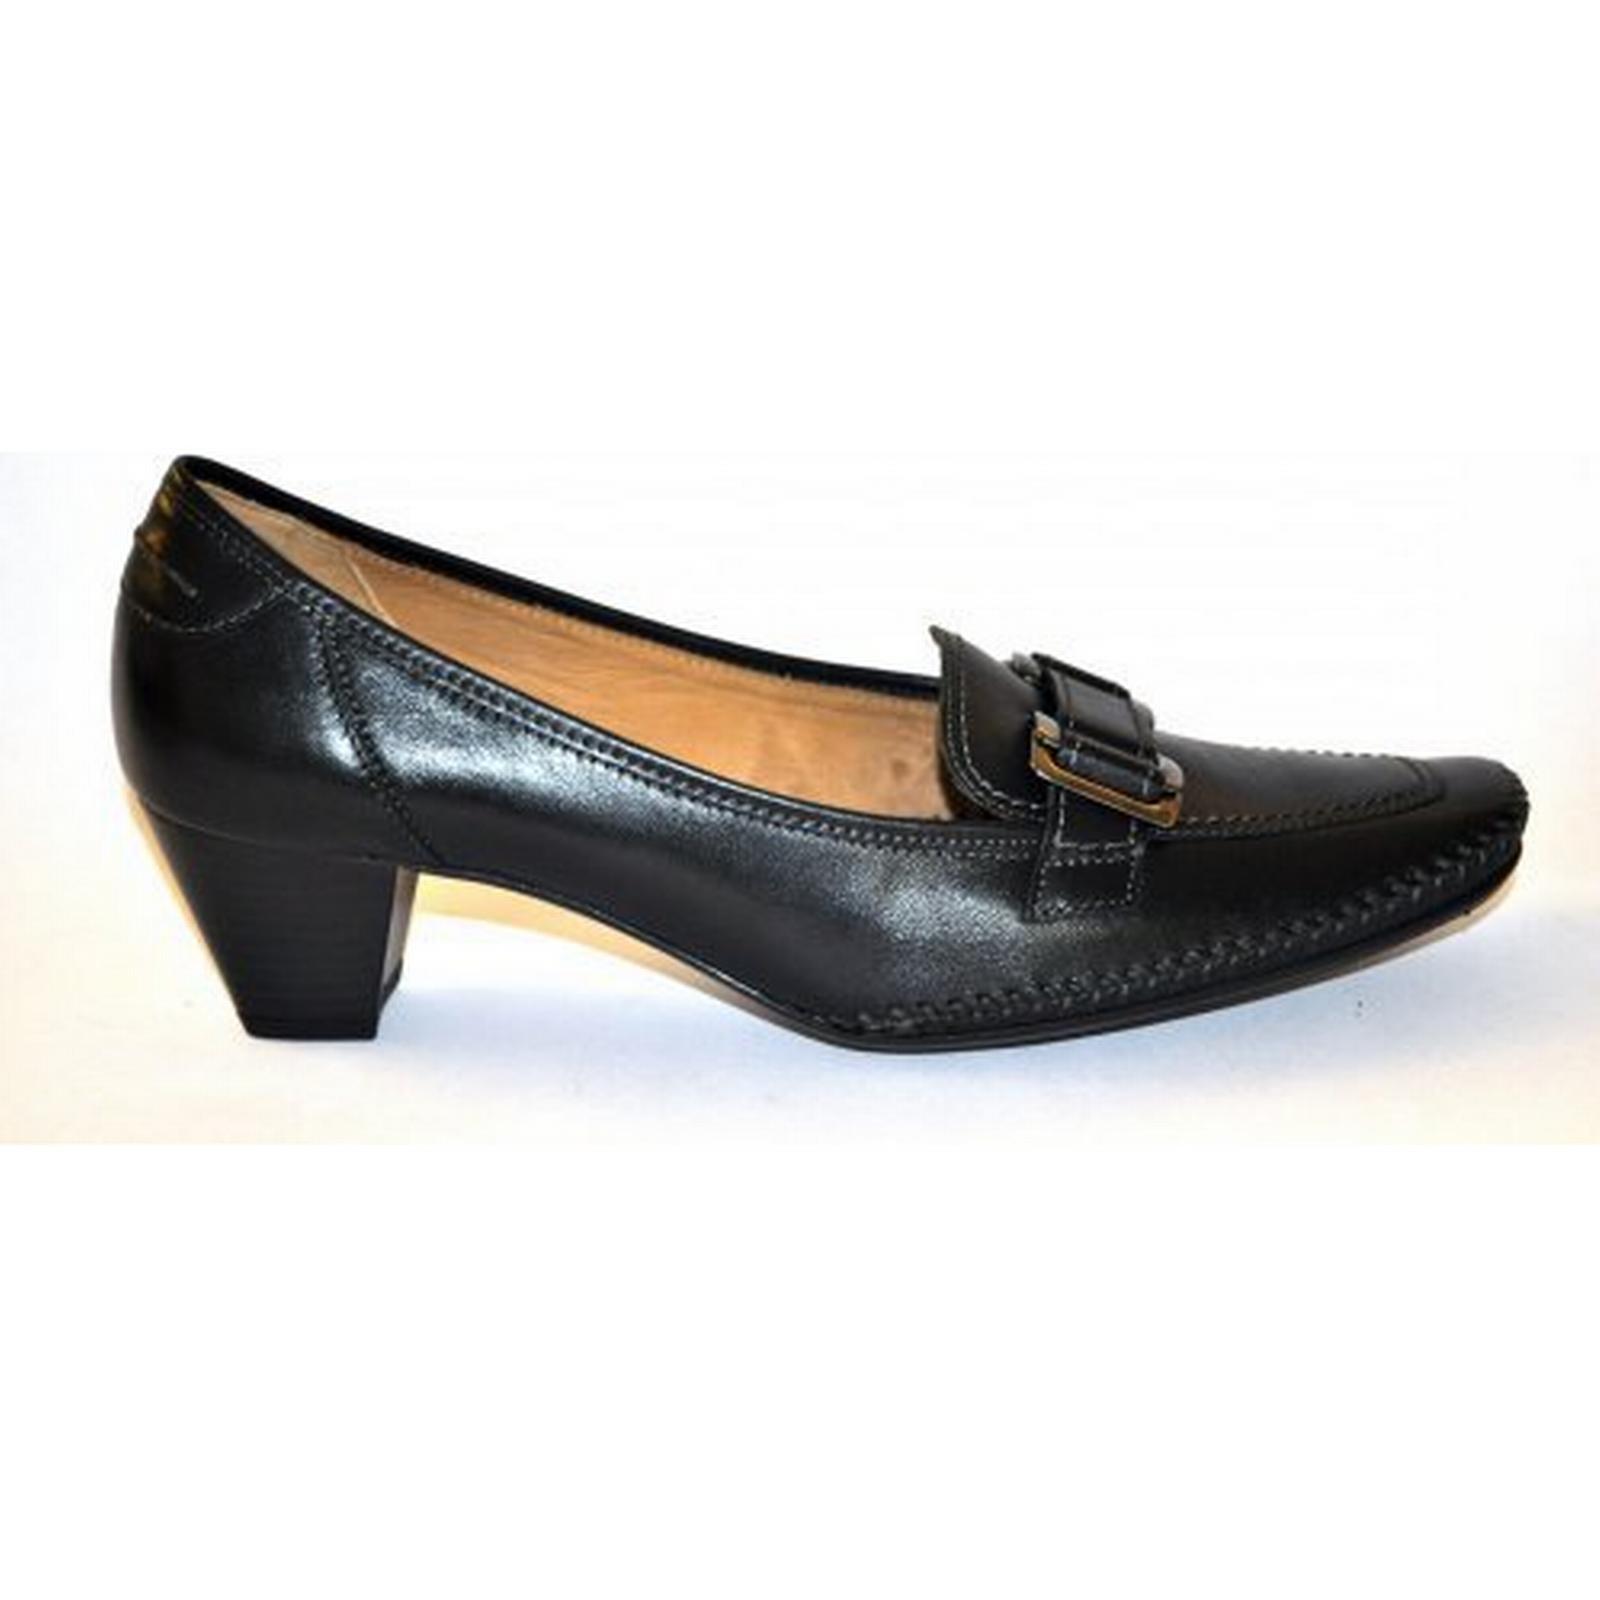 Gabor 0380 45mm heel ladies shoe Size: 7.5, 7.5, Size: Colour: BLACK da8cf4